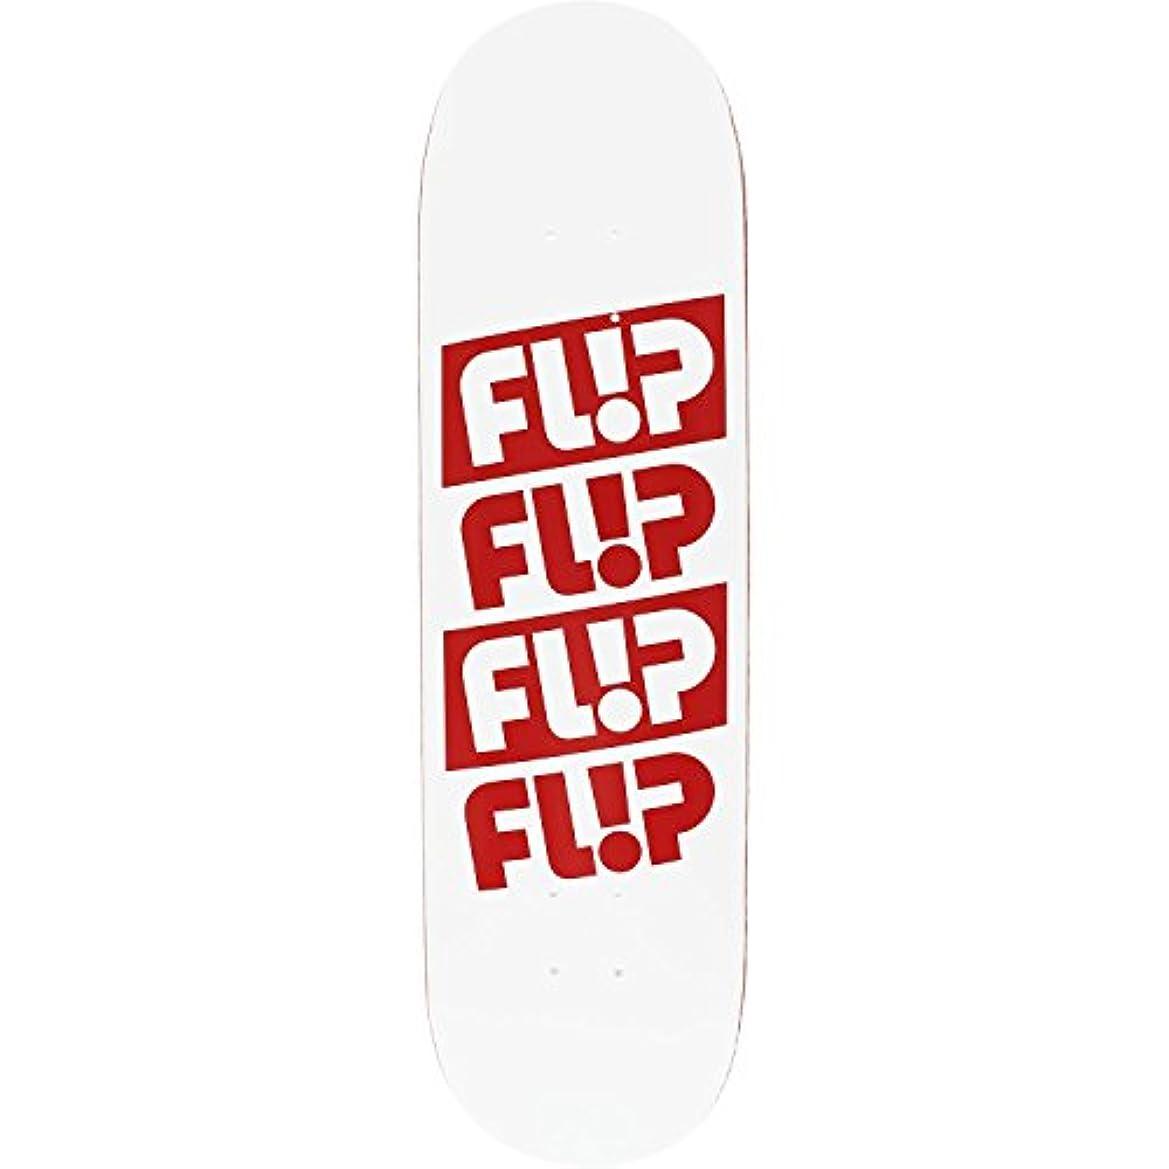 投票マインド相互接続Flip Odyssey Quattroデッキ-8.38ホワイト/レッド – Assembled as complete skateboard